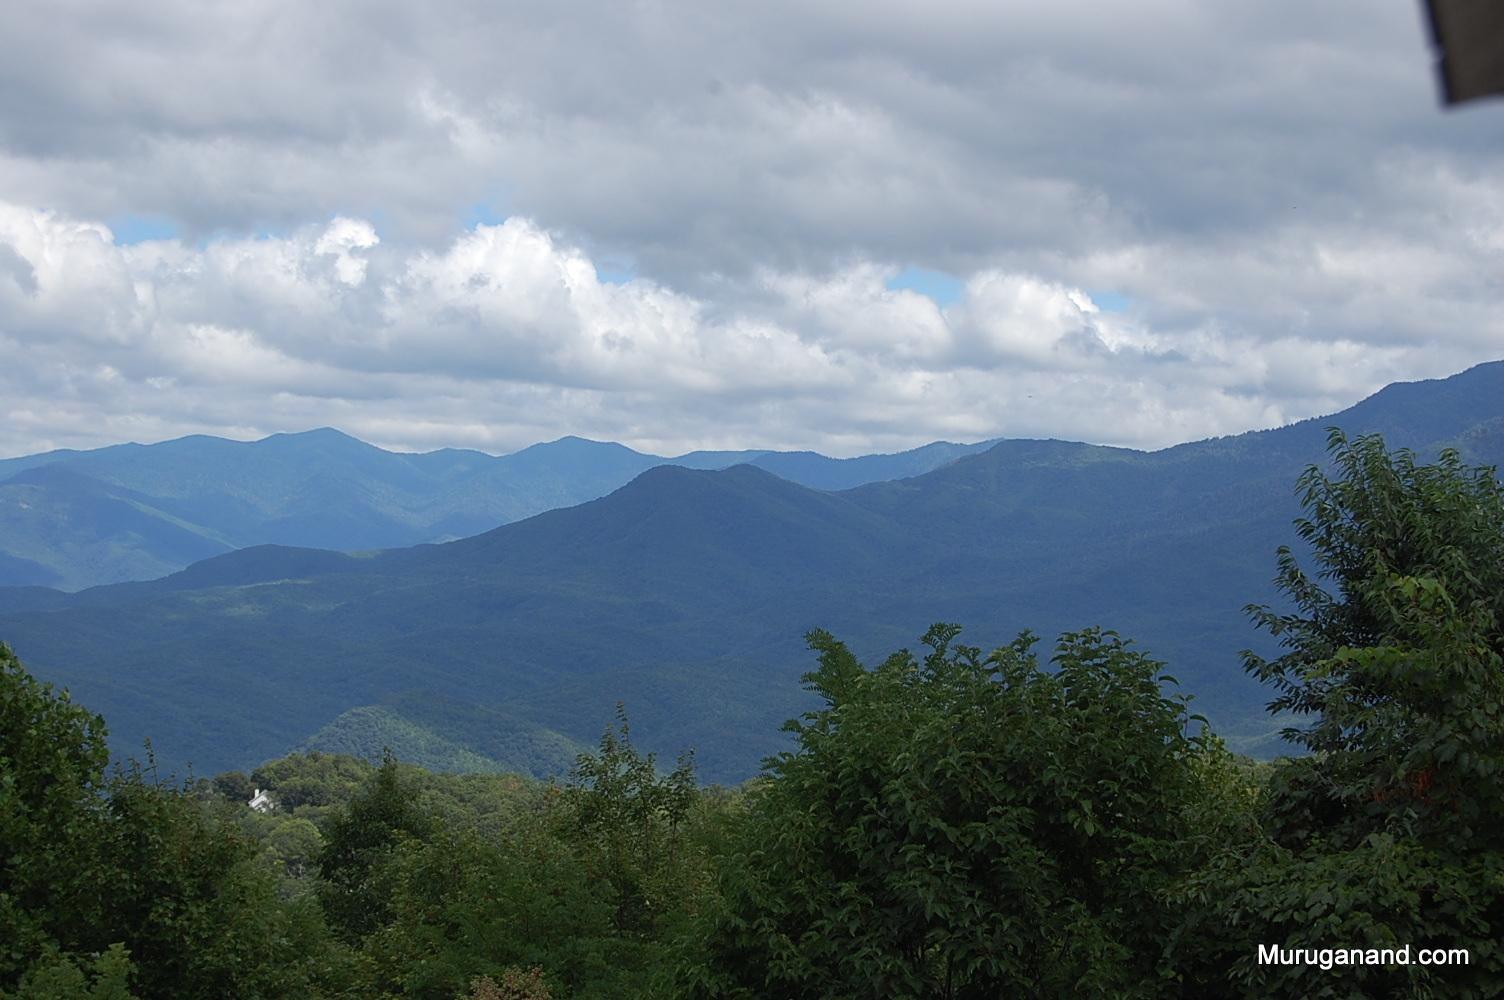 Location of actual Mt Le Conte